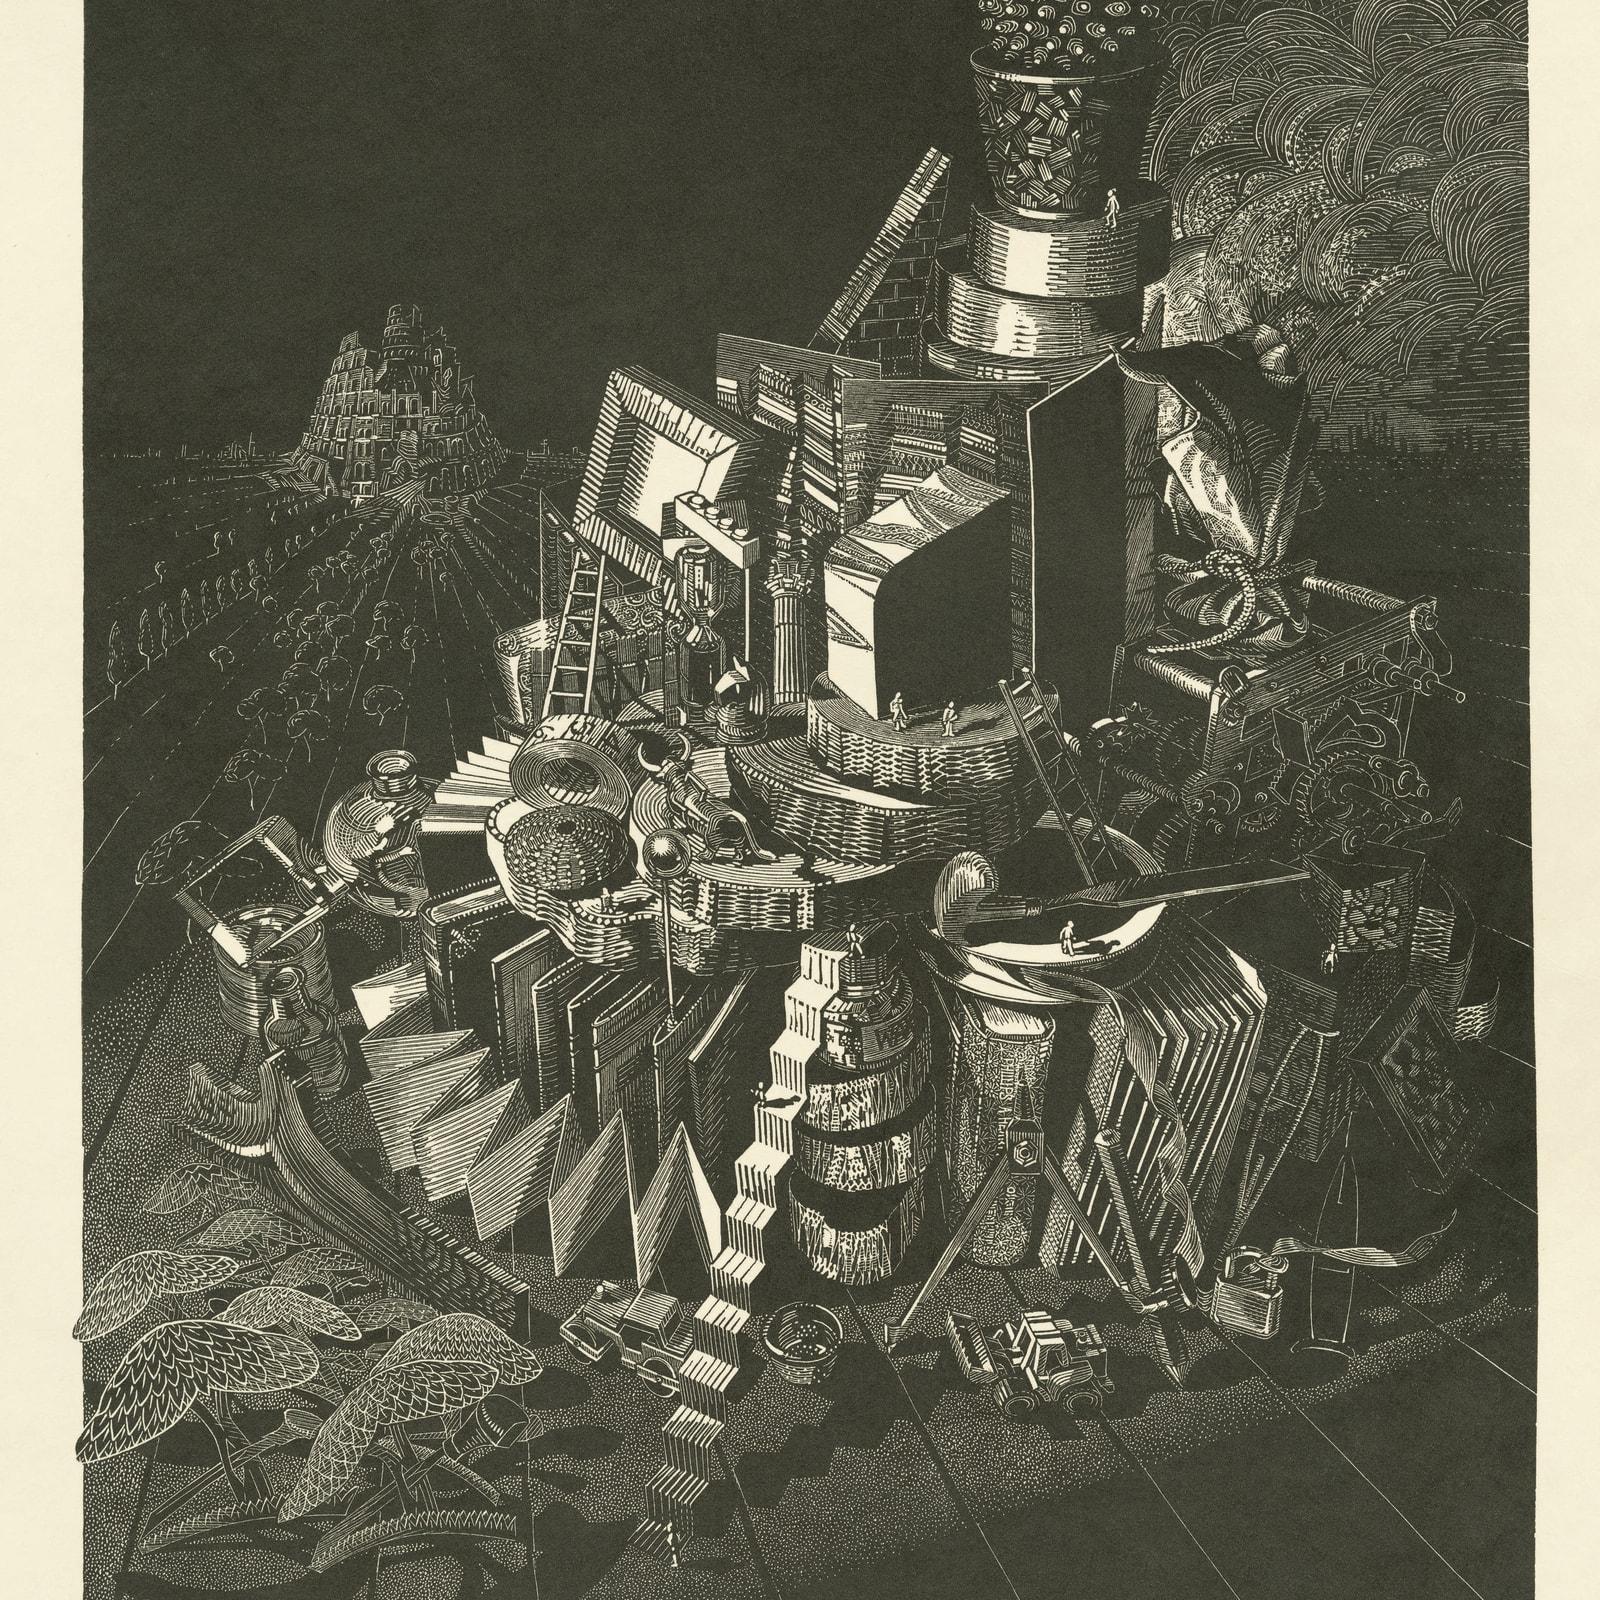 Anne Desmet, Wood Engravers Tower, 2020